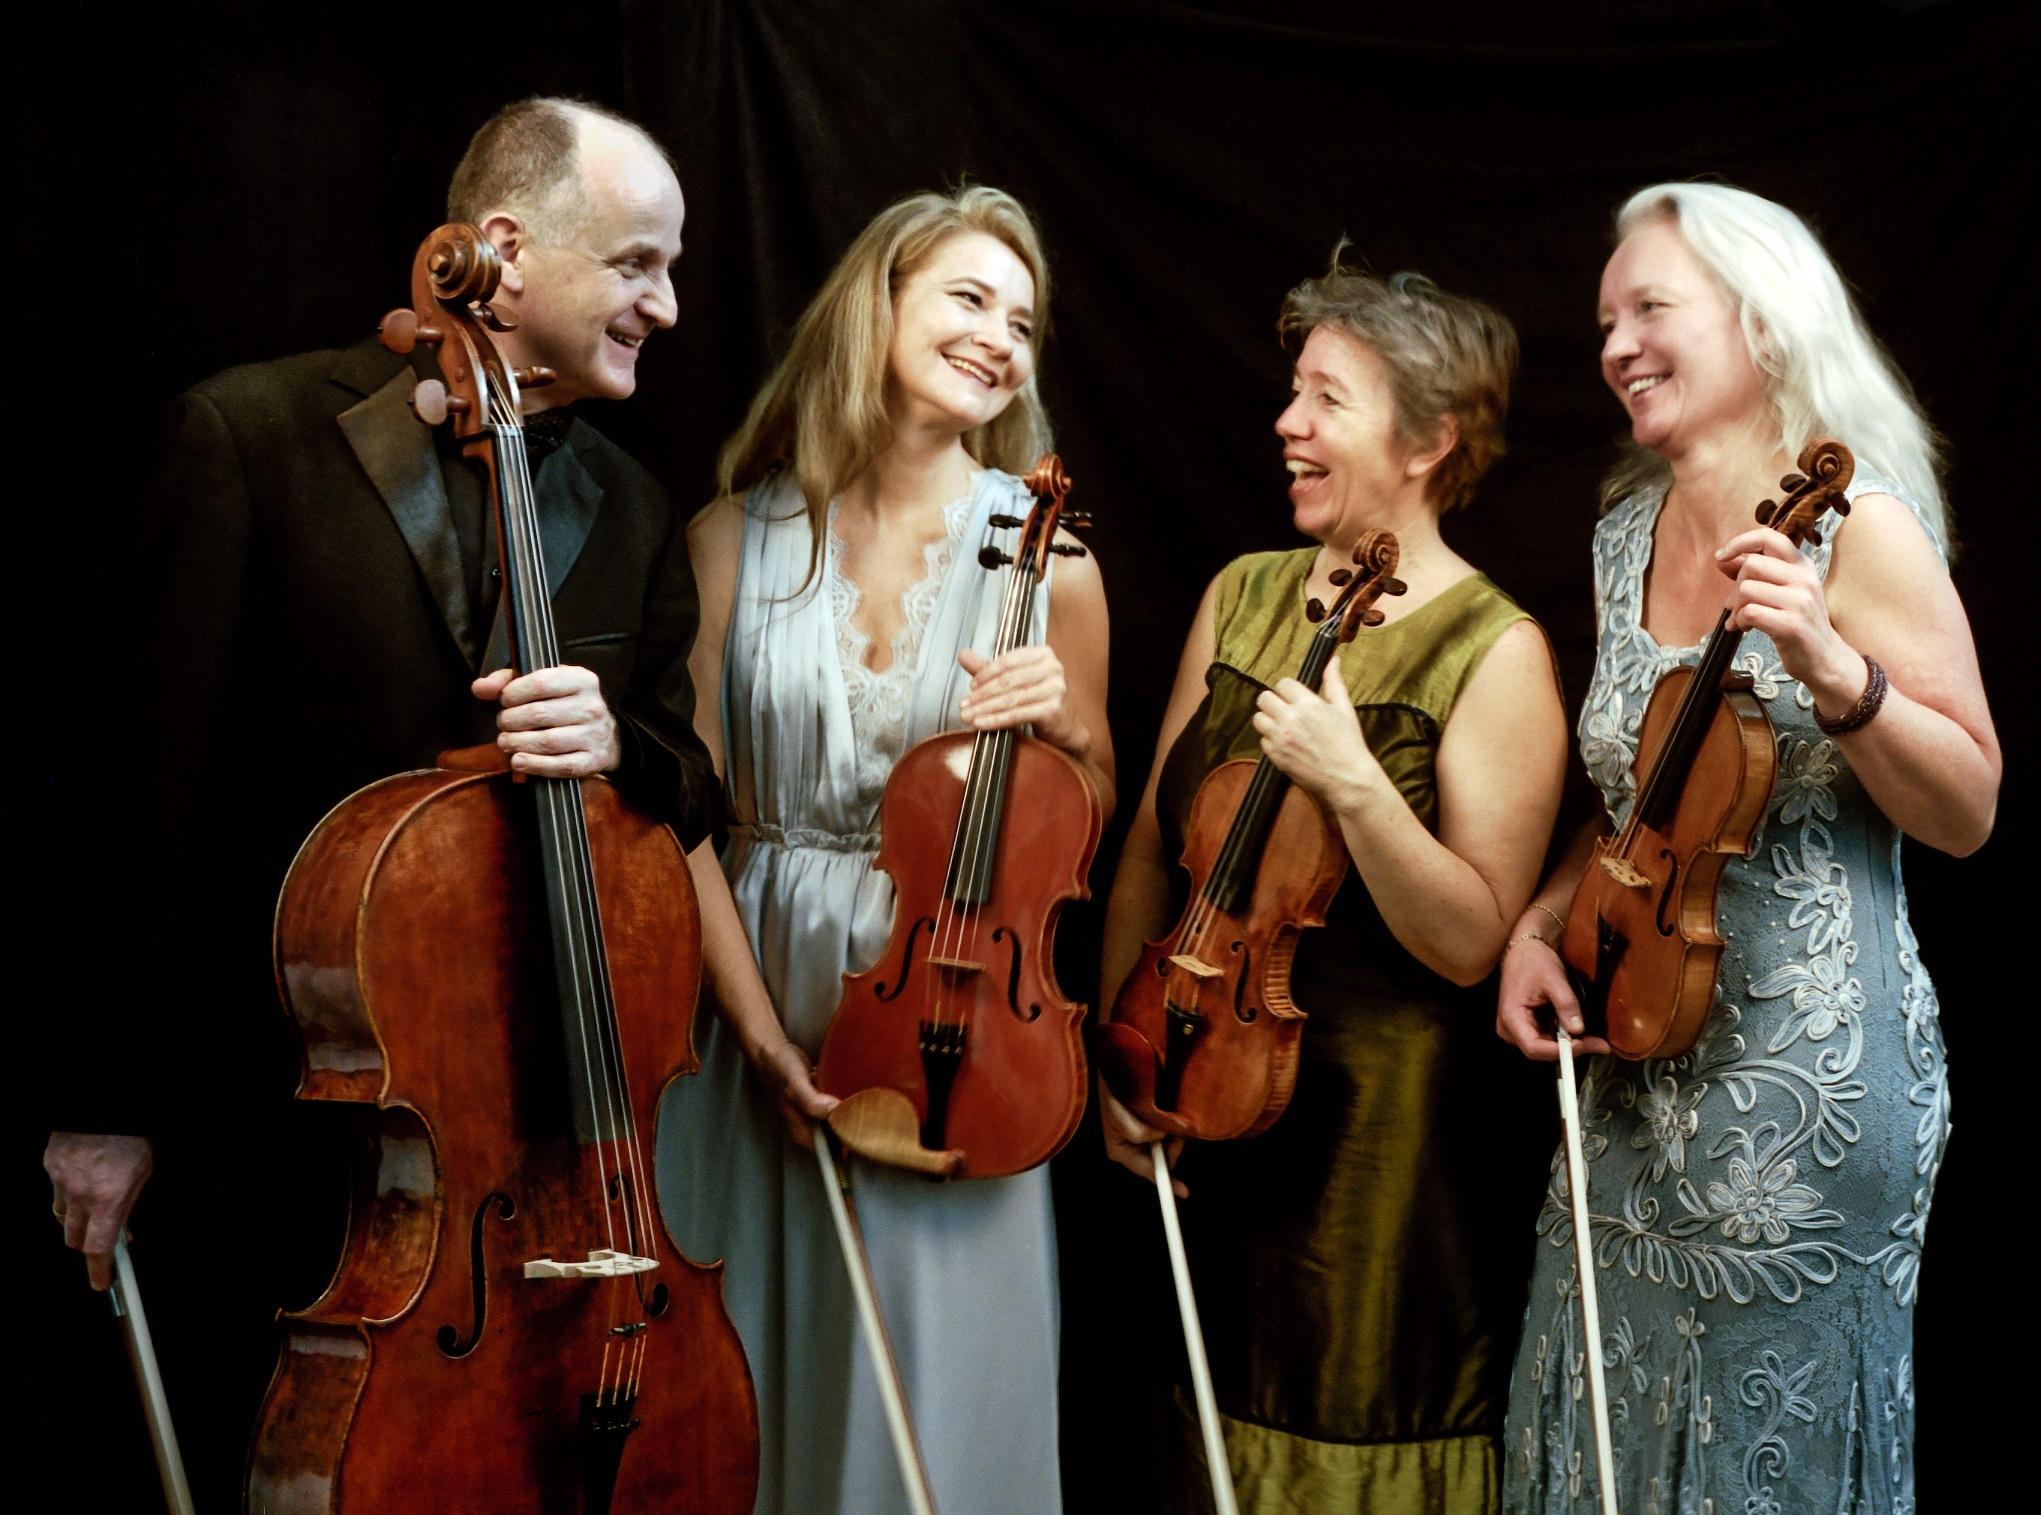 Sæsonens første musikalske oplevelse i Ledøje-Smørum Musikforening Mira Kvartetten giver koncert i Smørum Kulturhus